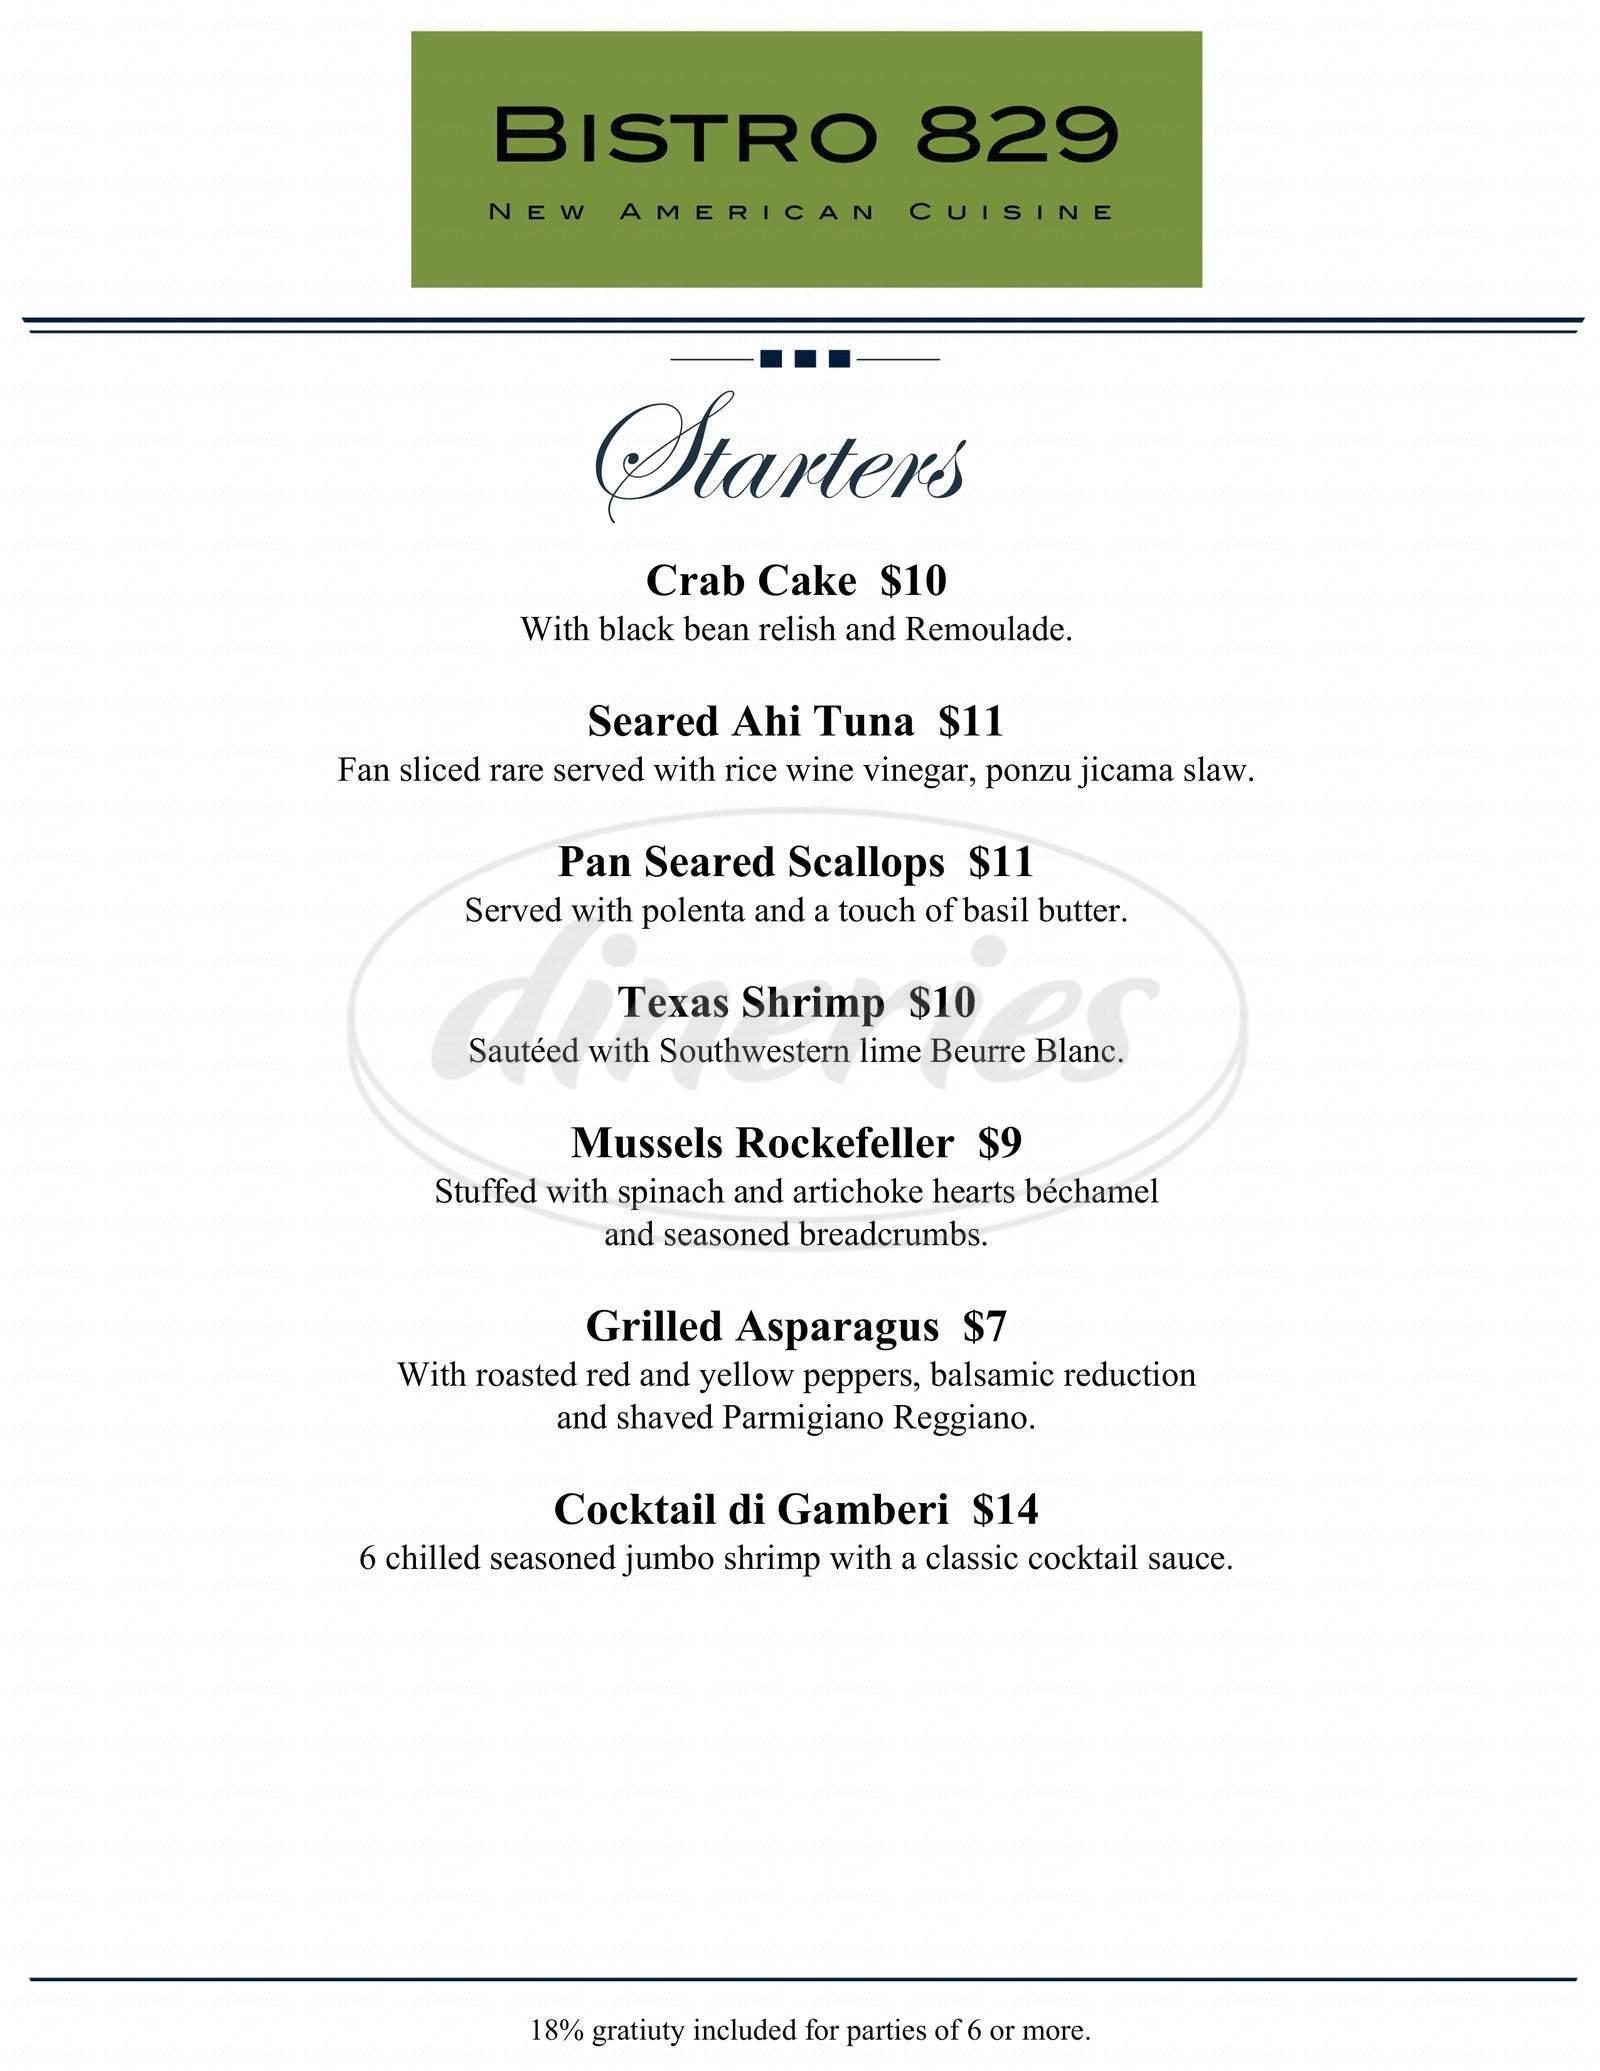 menu for Bistro 829